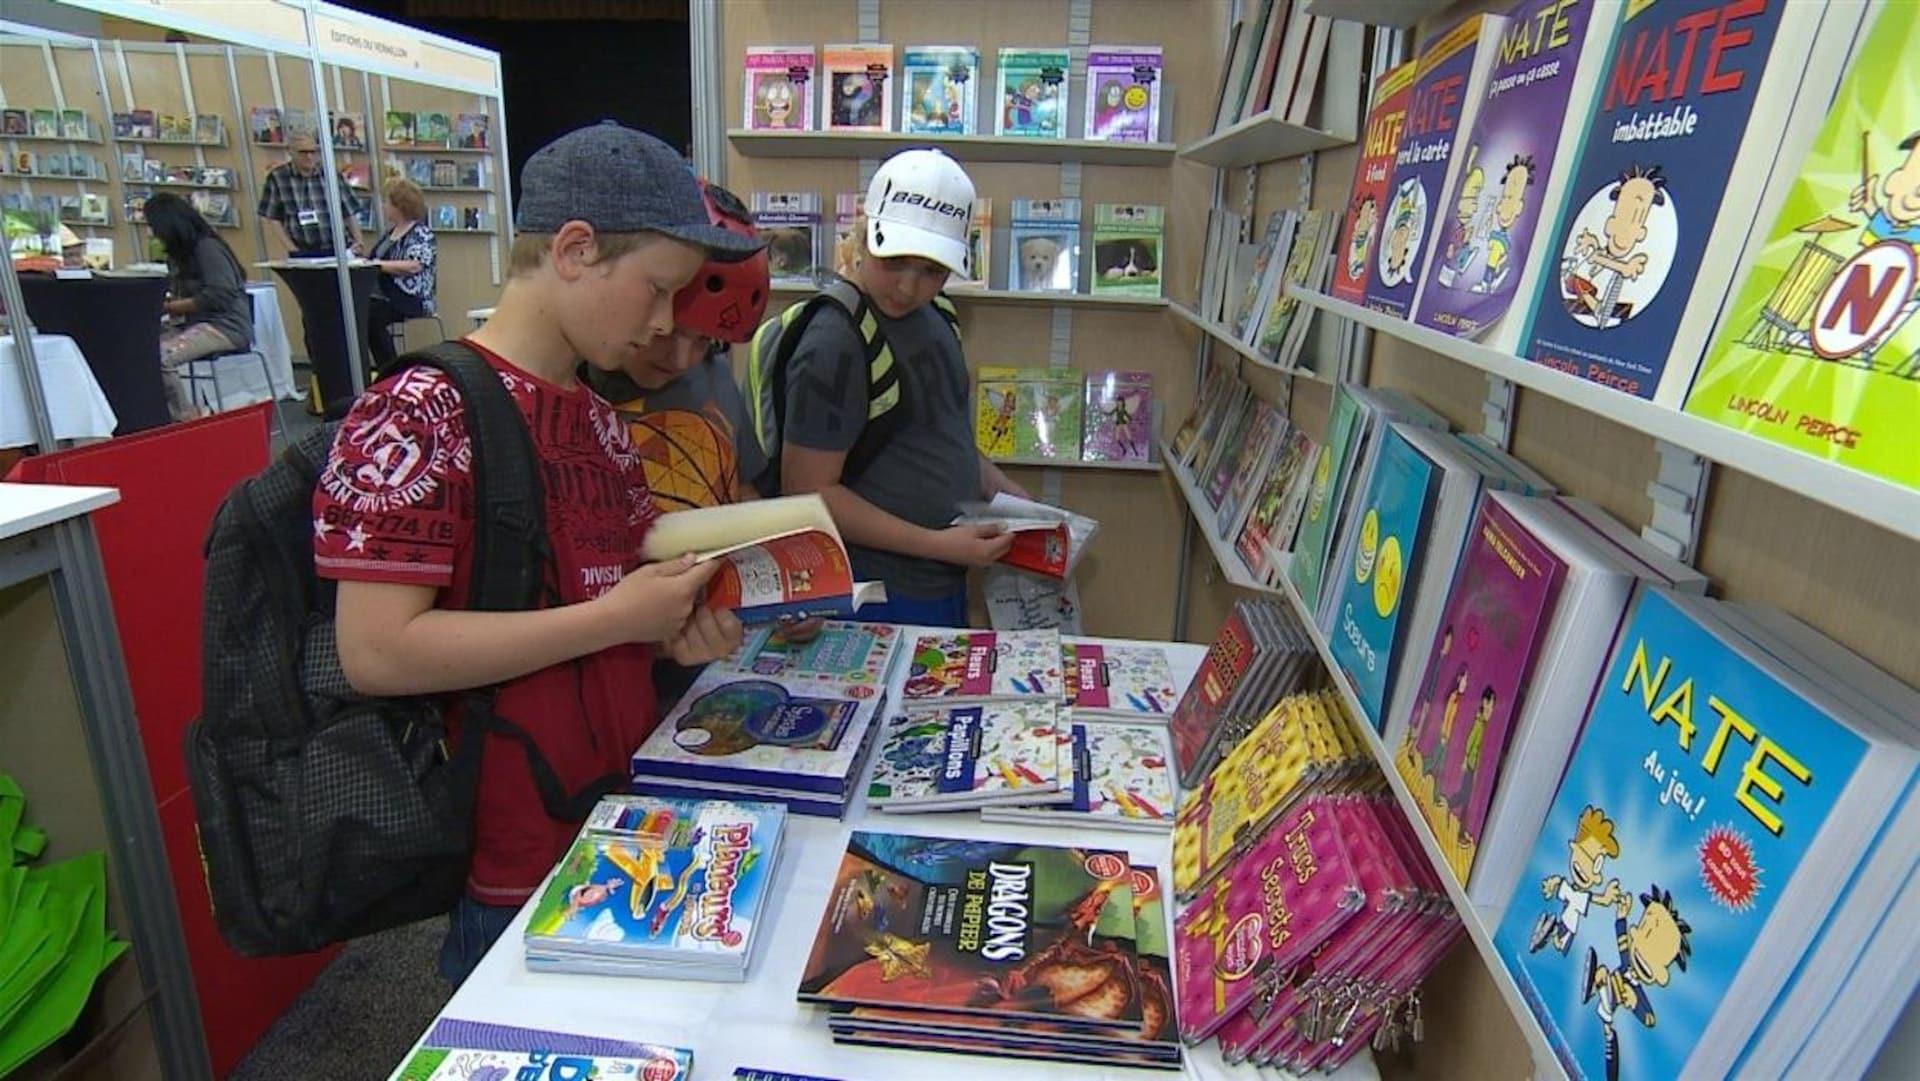 Des jeunes qui examinent des livres.